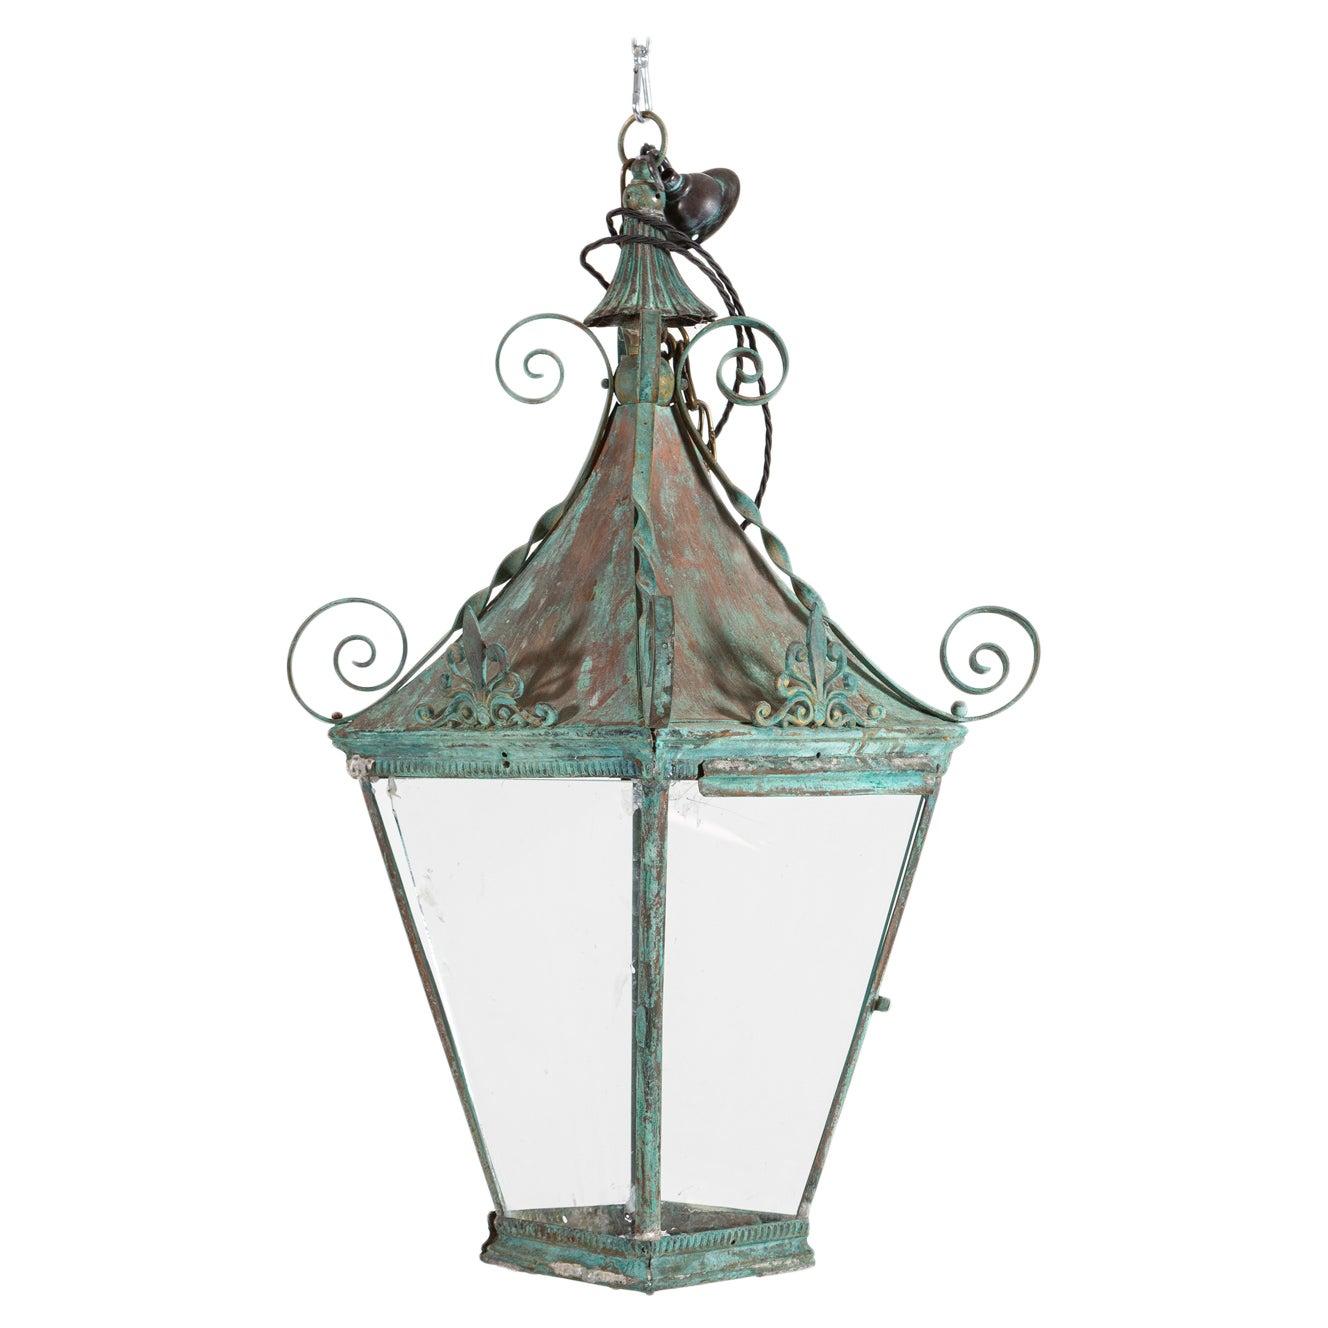 Arts & Crafts Verdigris Brass & Copper Hall Lantern